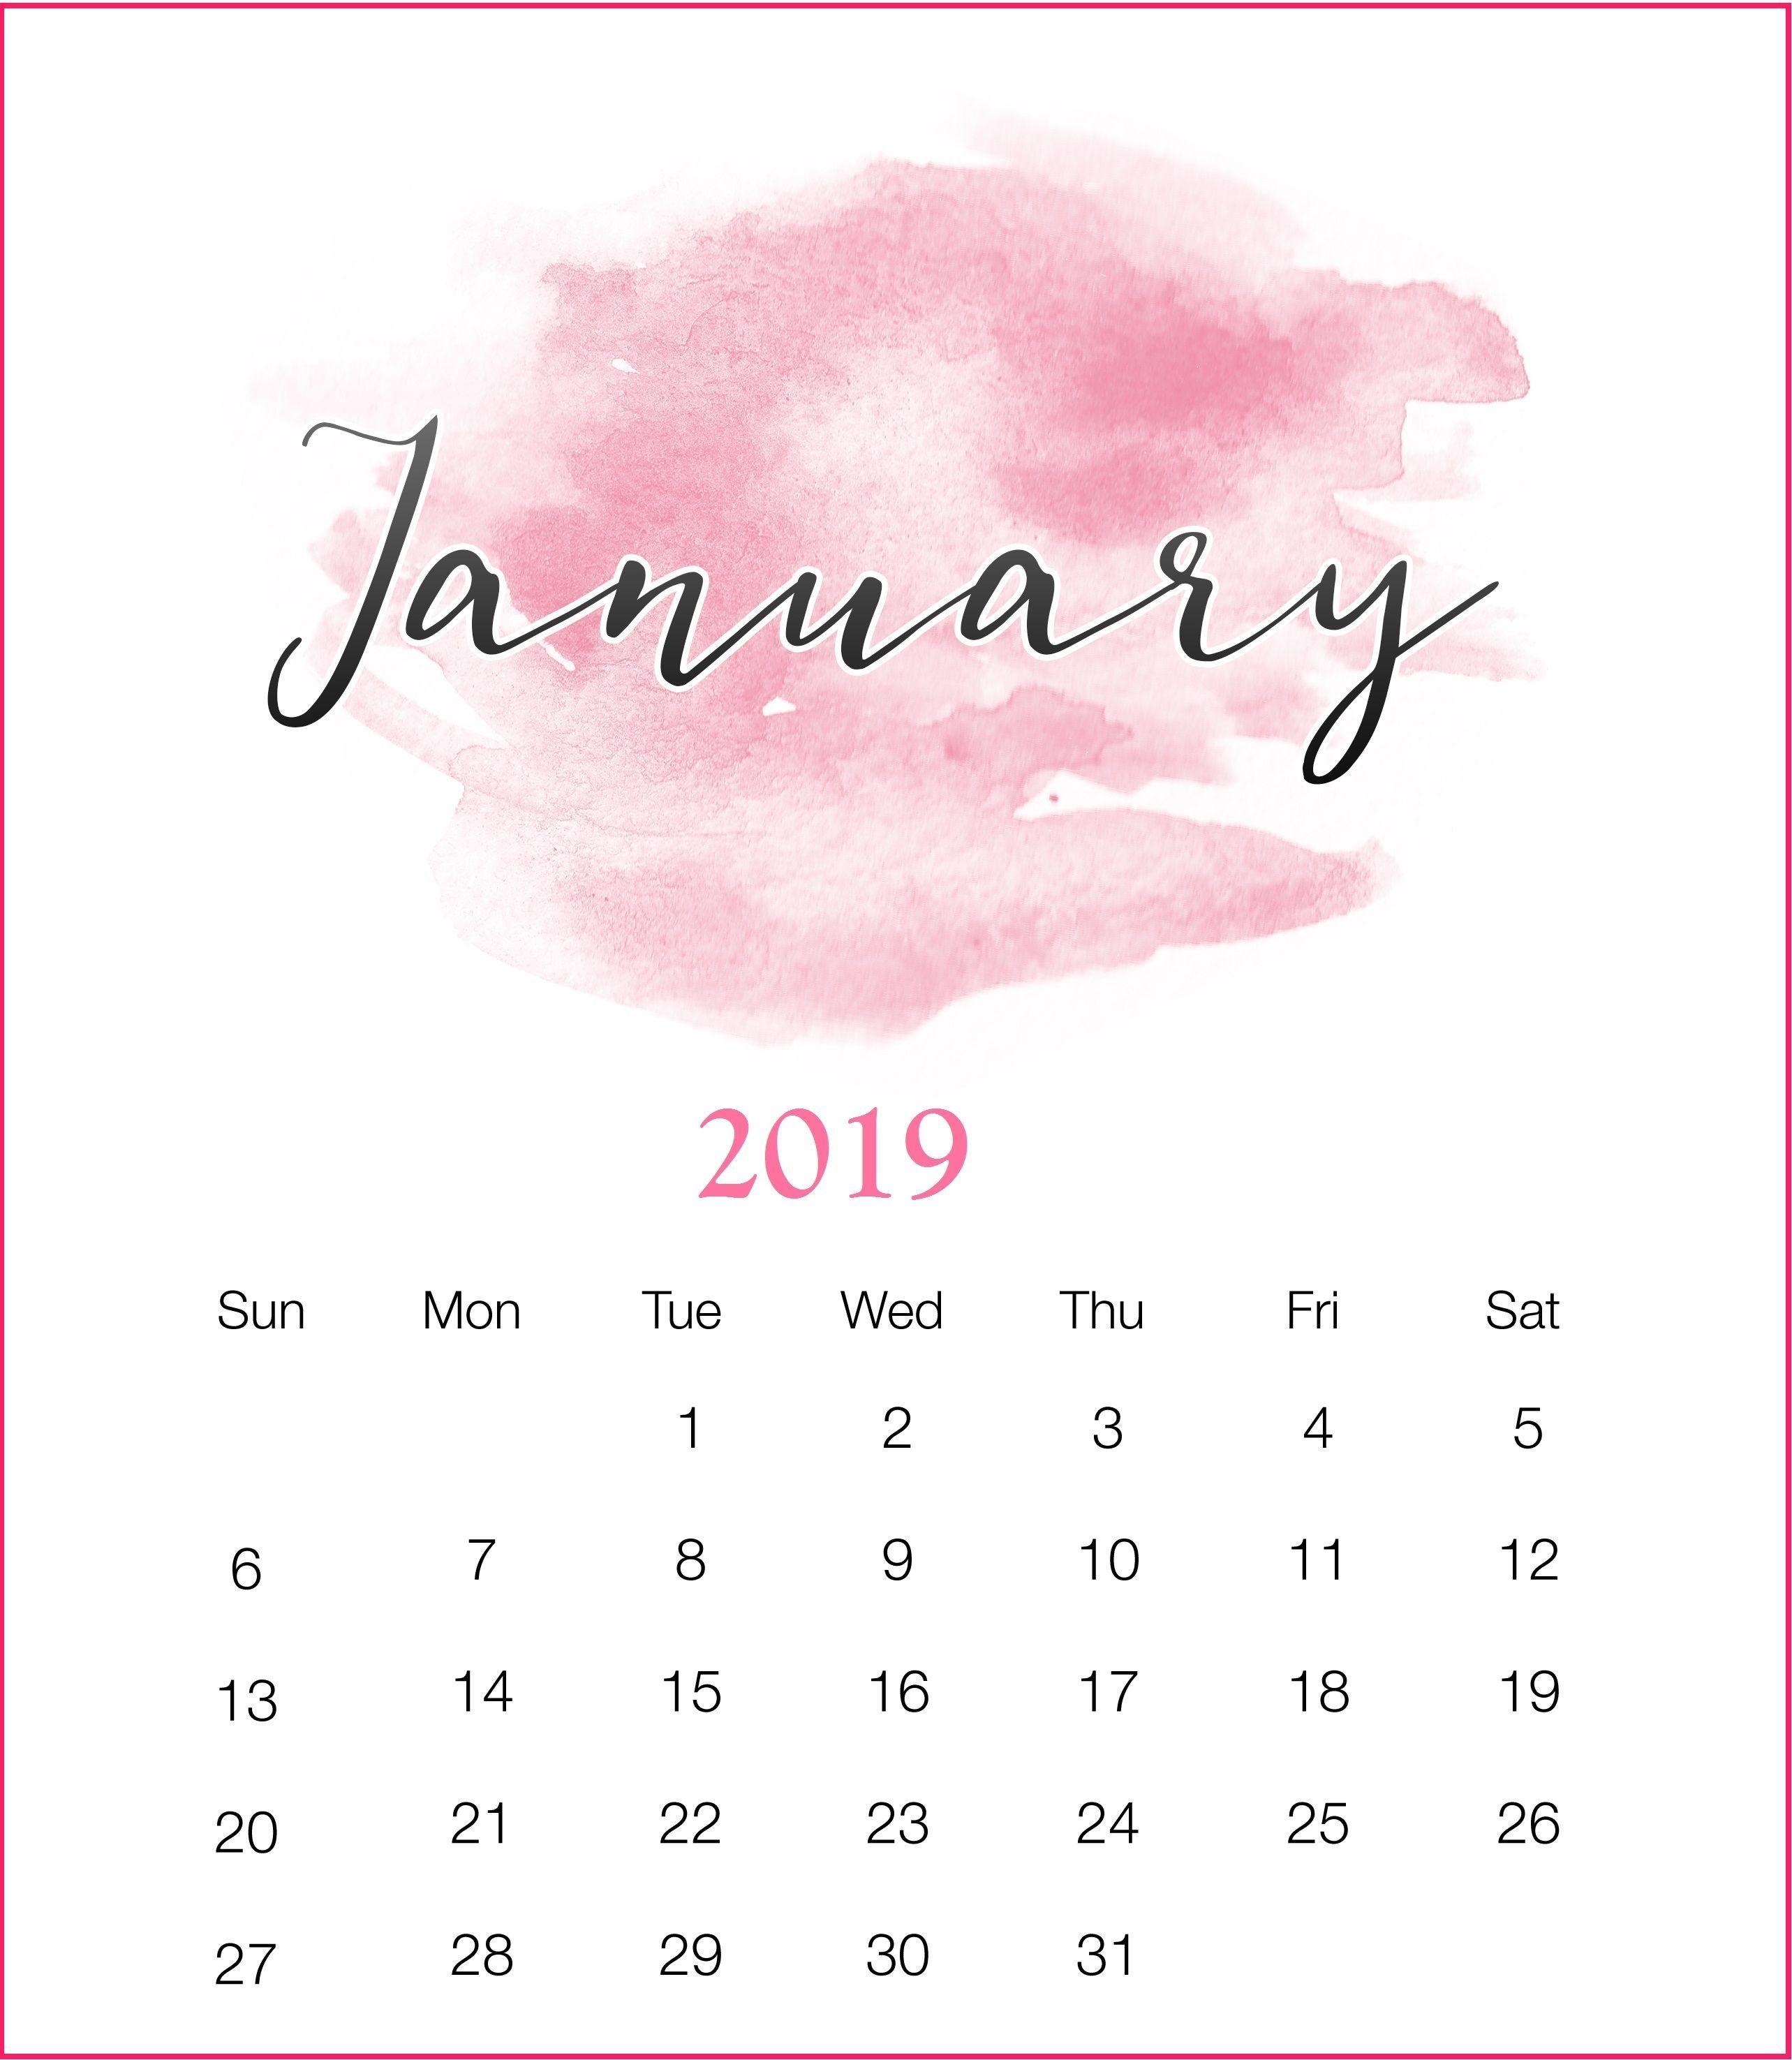 Watercolor 2019 January Printable Calendar Watercolorjanuary 2019